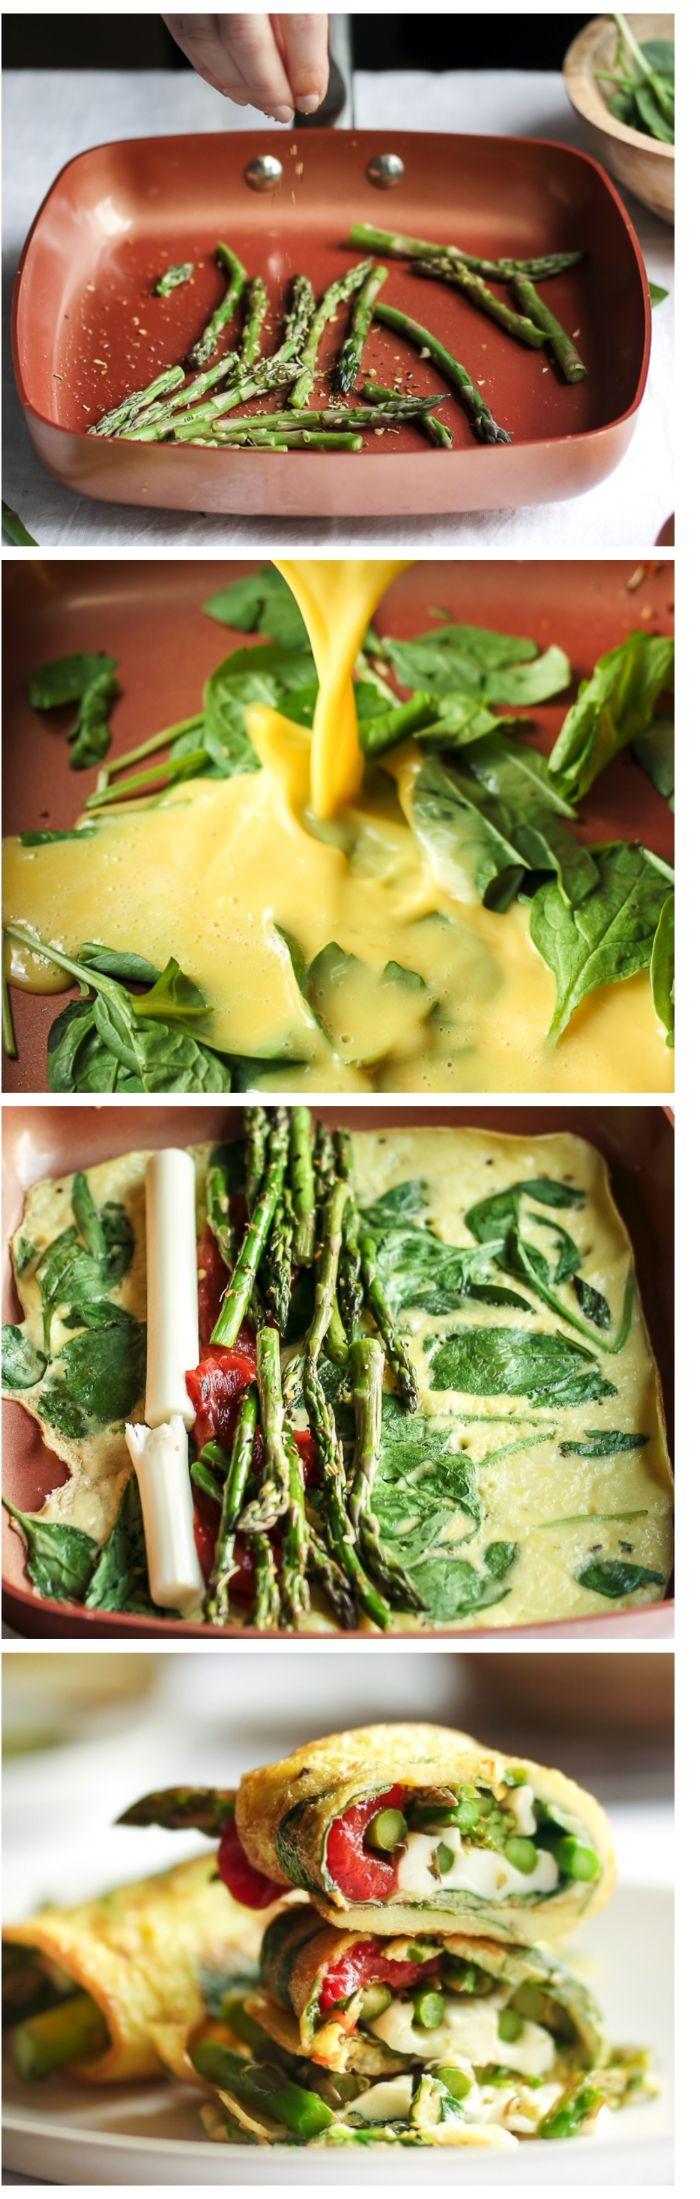 idee comment faire une omelette simple aux oeufs, epinards avec farce de mozzarella et asperges sautées